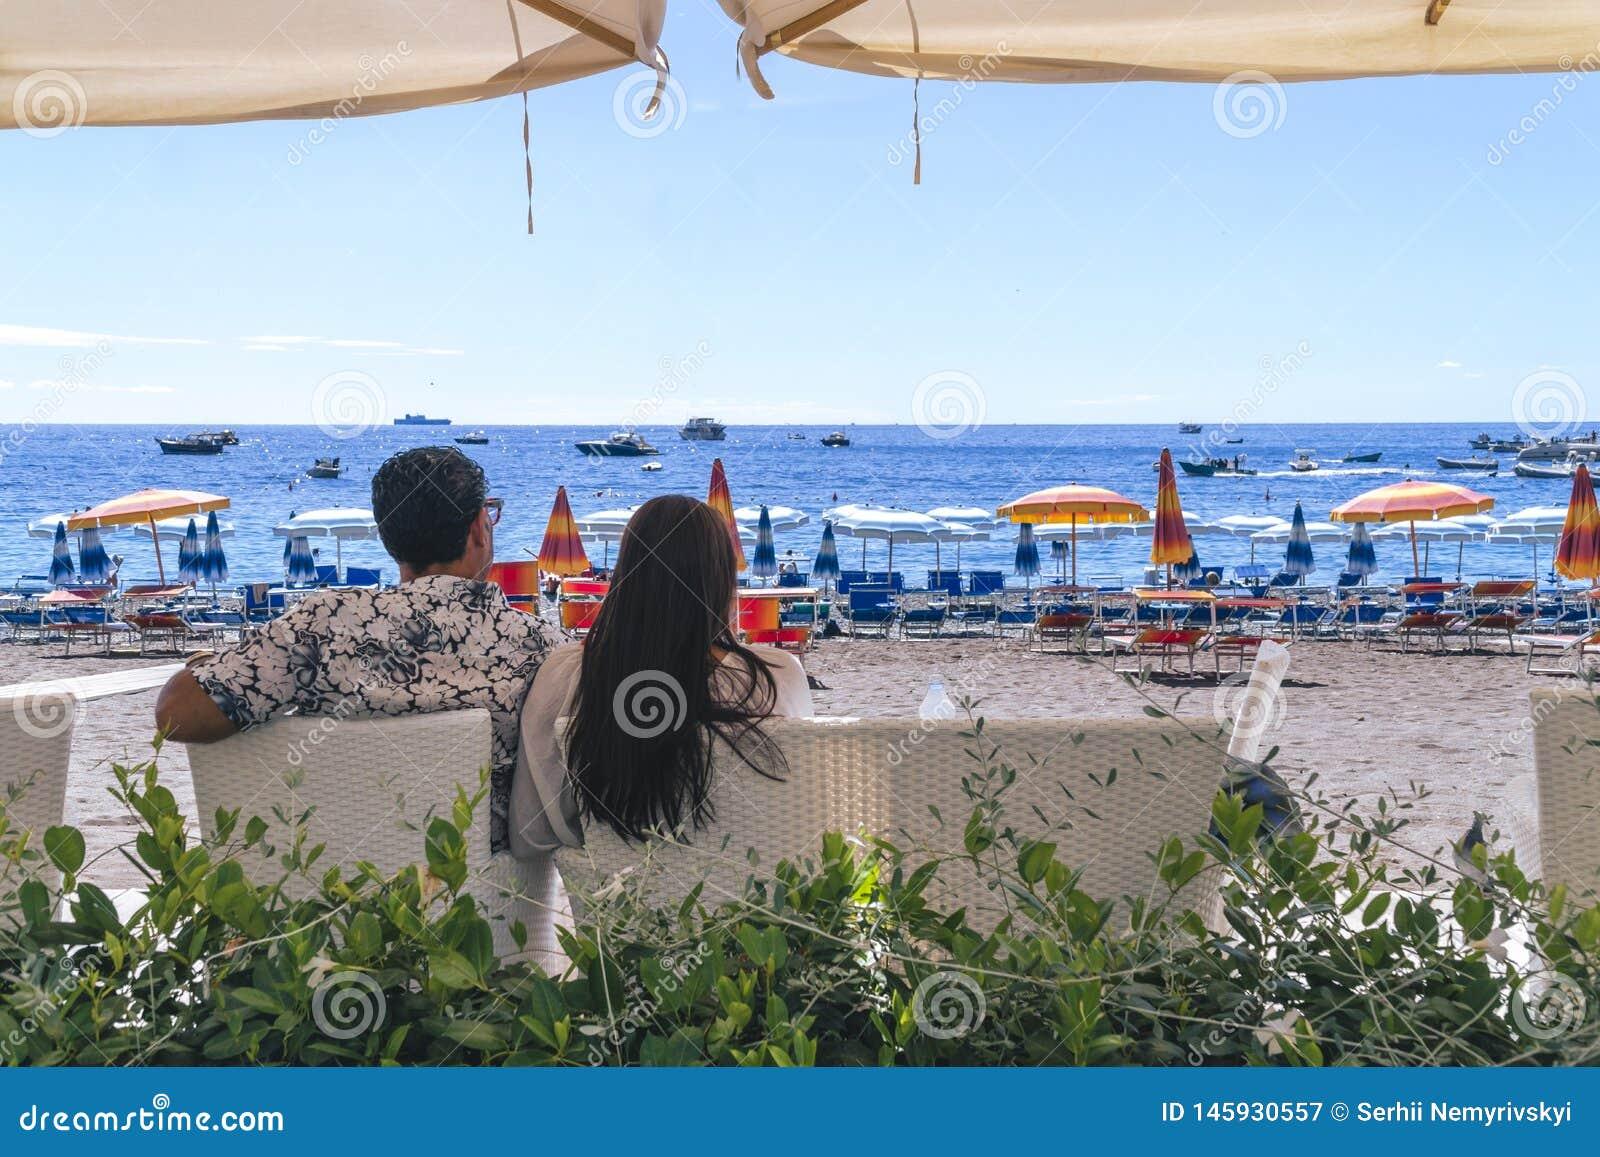 Любовники сидя, смотрящ в небо и море, mountion, под зонтиком Каникулы, туризм, hooneymoon Девушка с длинными волосами